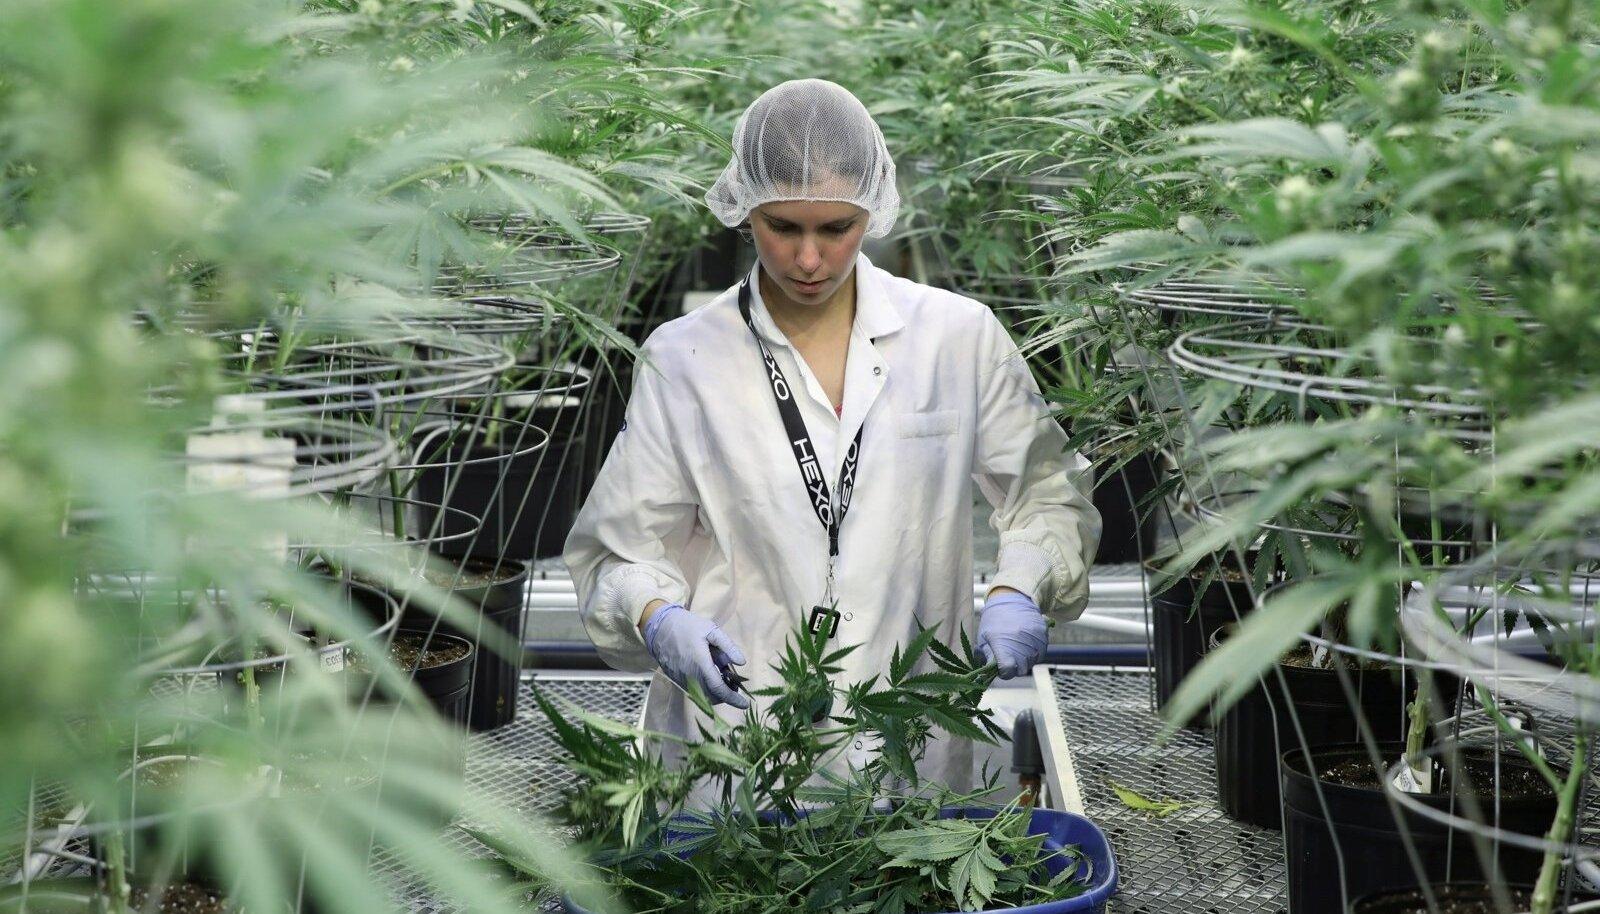 SUUR SAAK: Töötaja kogub Kanada kanepikasvataja Hex Corp kasvuhoones kanepitaimede lõikeid.